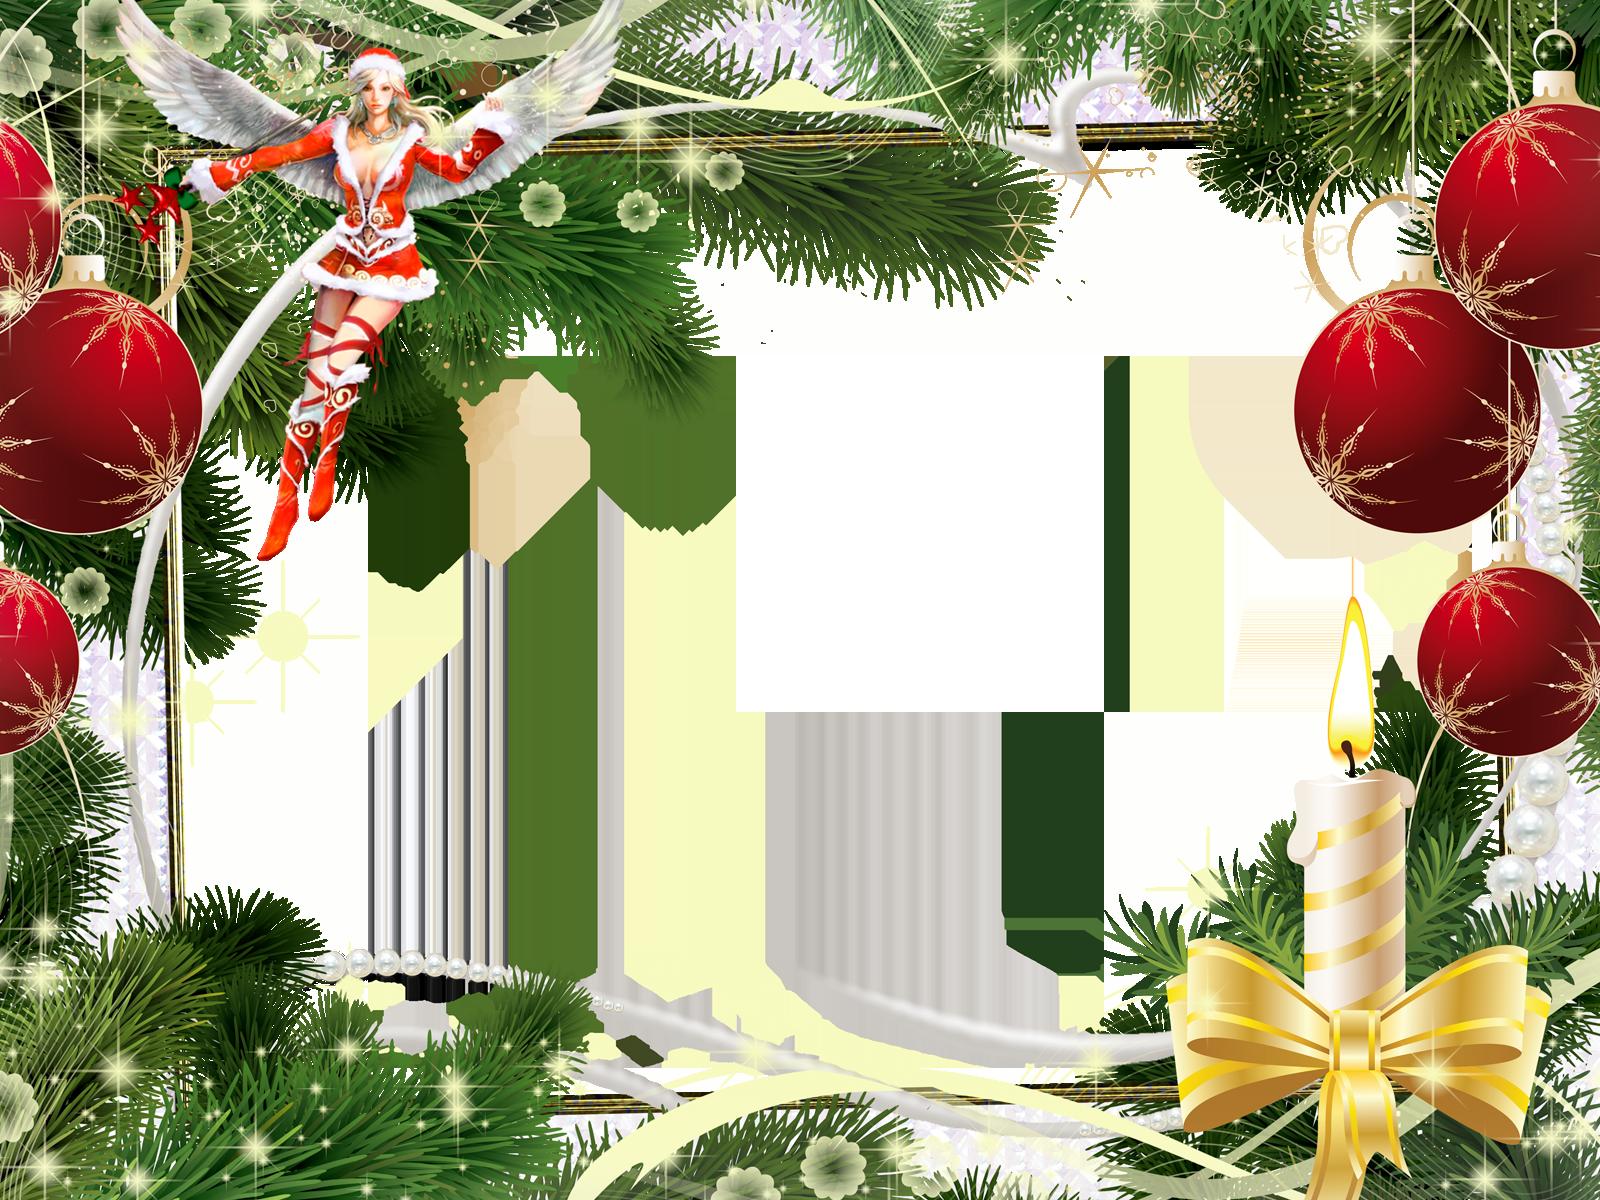 Фоторамка Рамка с новогодней феей Фоторамка для фотошопа, PNG шаблон. Новогодняя фоторамка. Фея в соблазнительном наряде снегурочки. Крылья ангела. Елочные игрушки, красные шары, елка, ветки, свеча, бант. Снежинки.